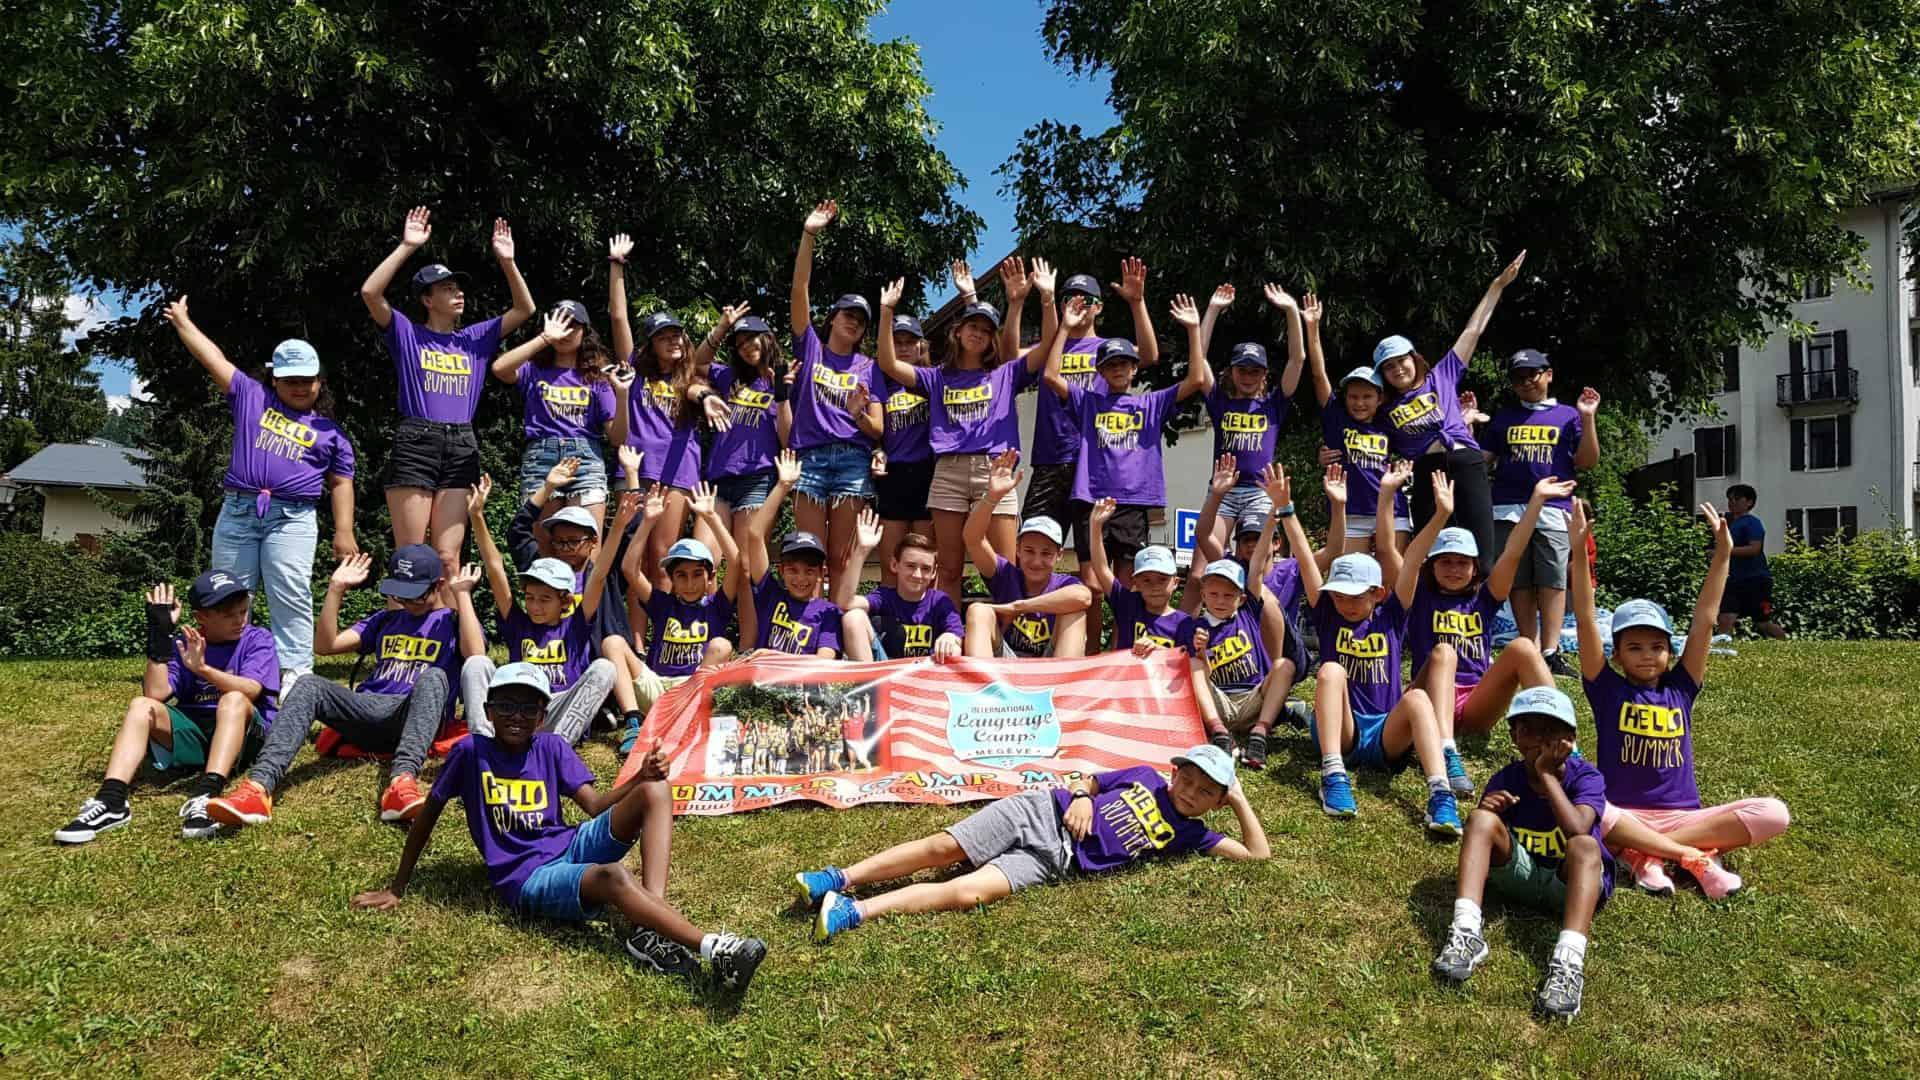 Summer Camp France